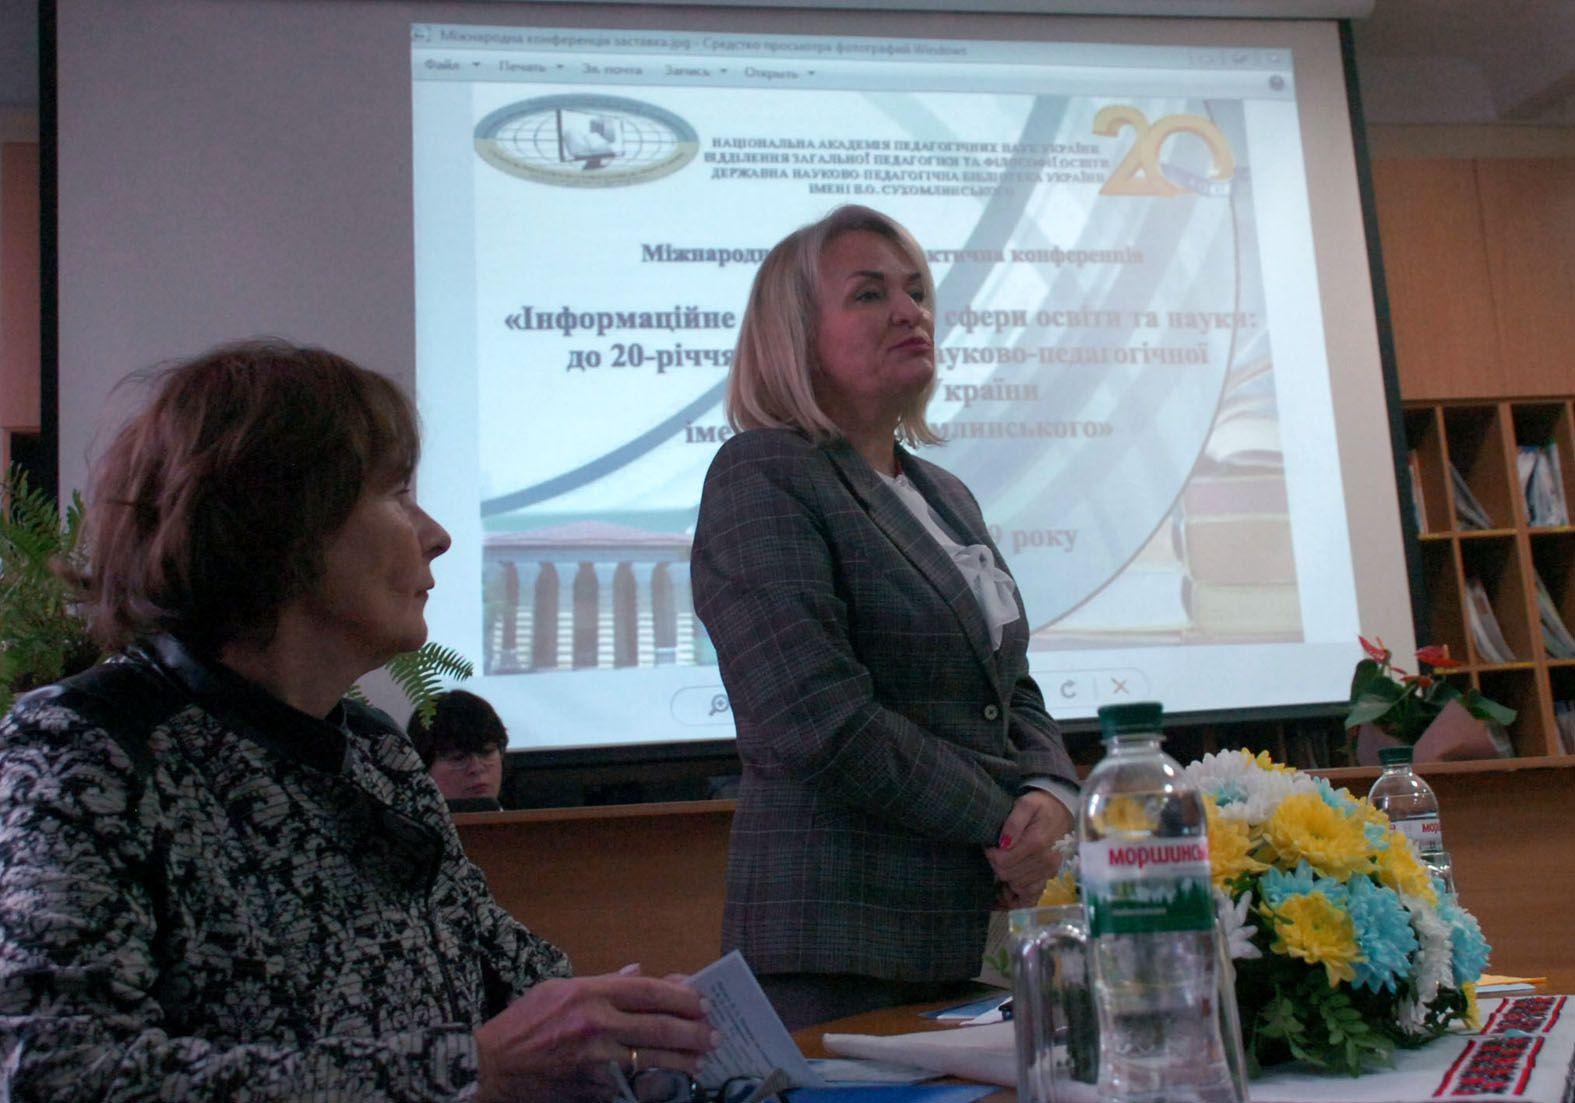 Державна науково-педагогічна бібліотека зберігає спадщину Сухомлинського